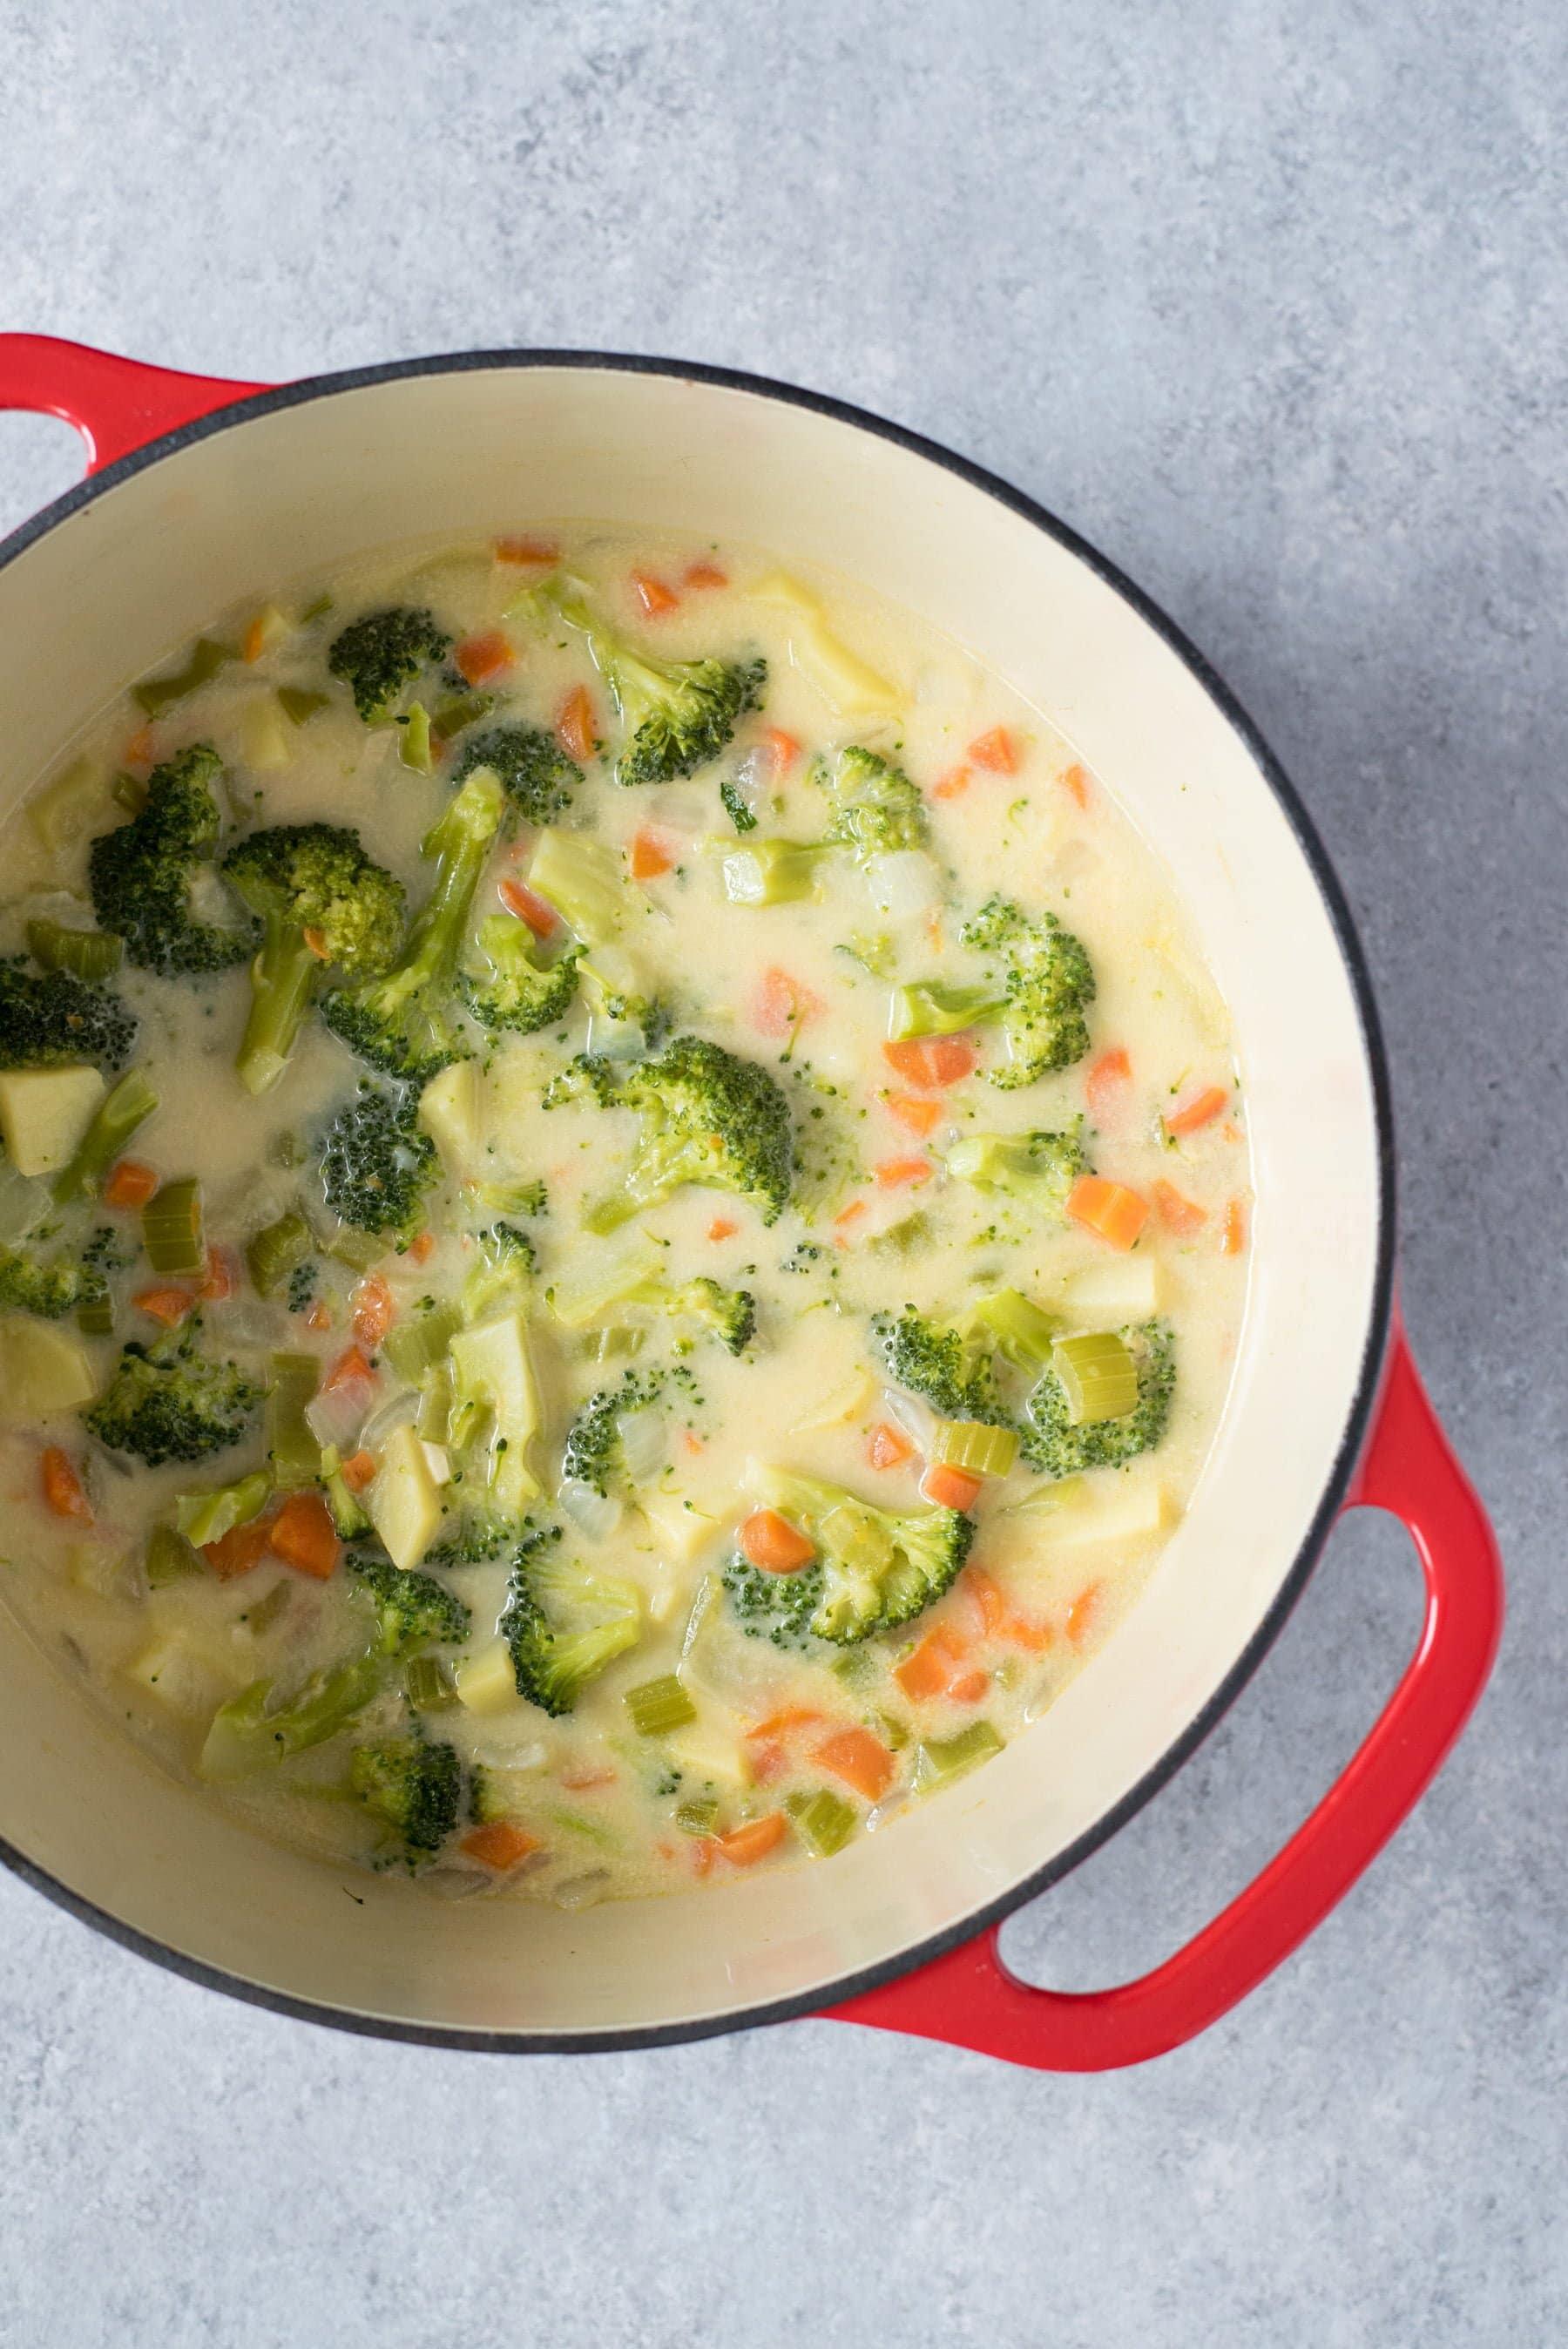 Broccoli Cheddar and Potato Soup